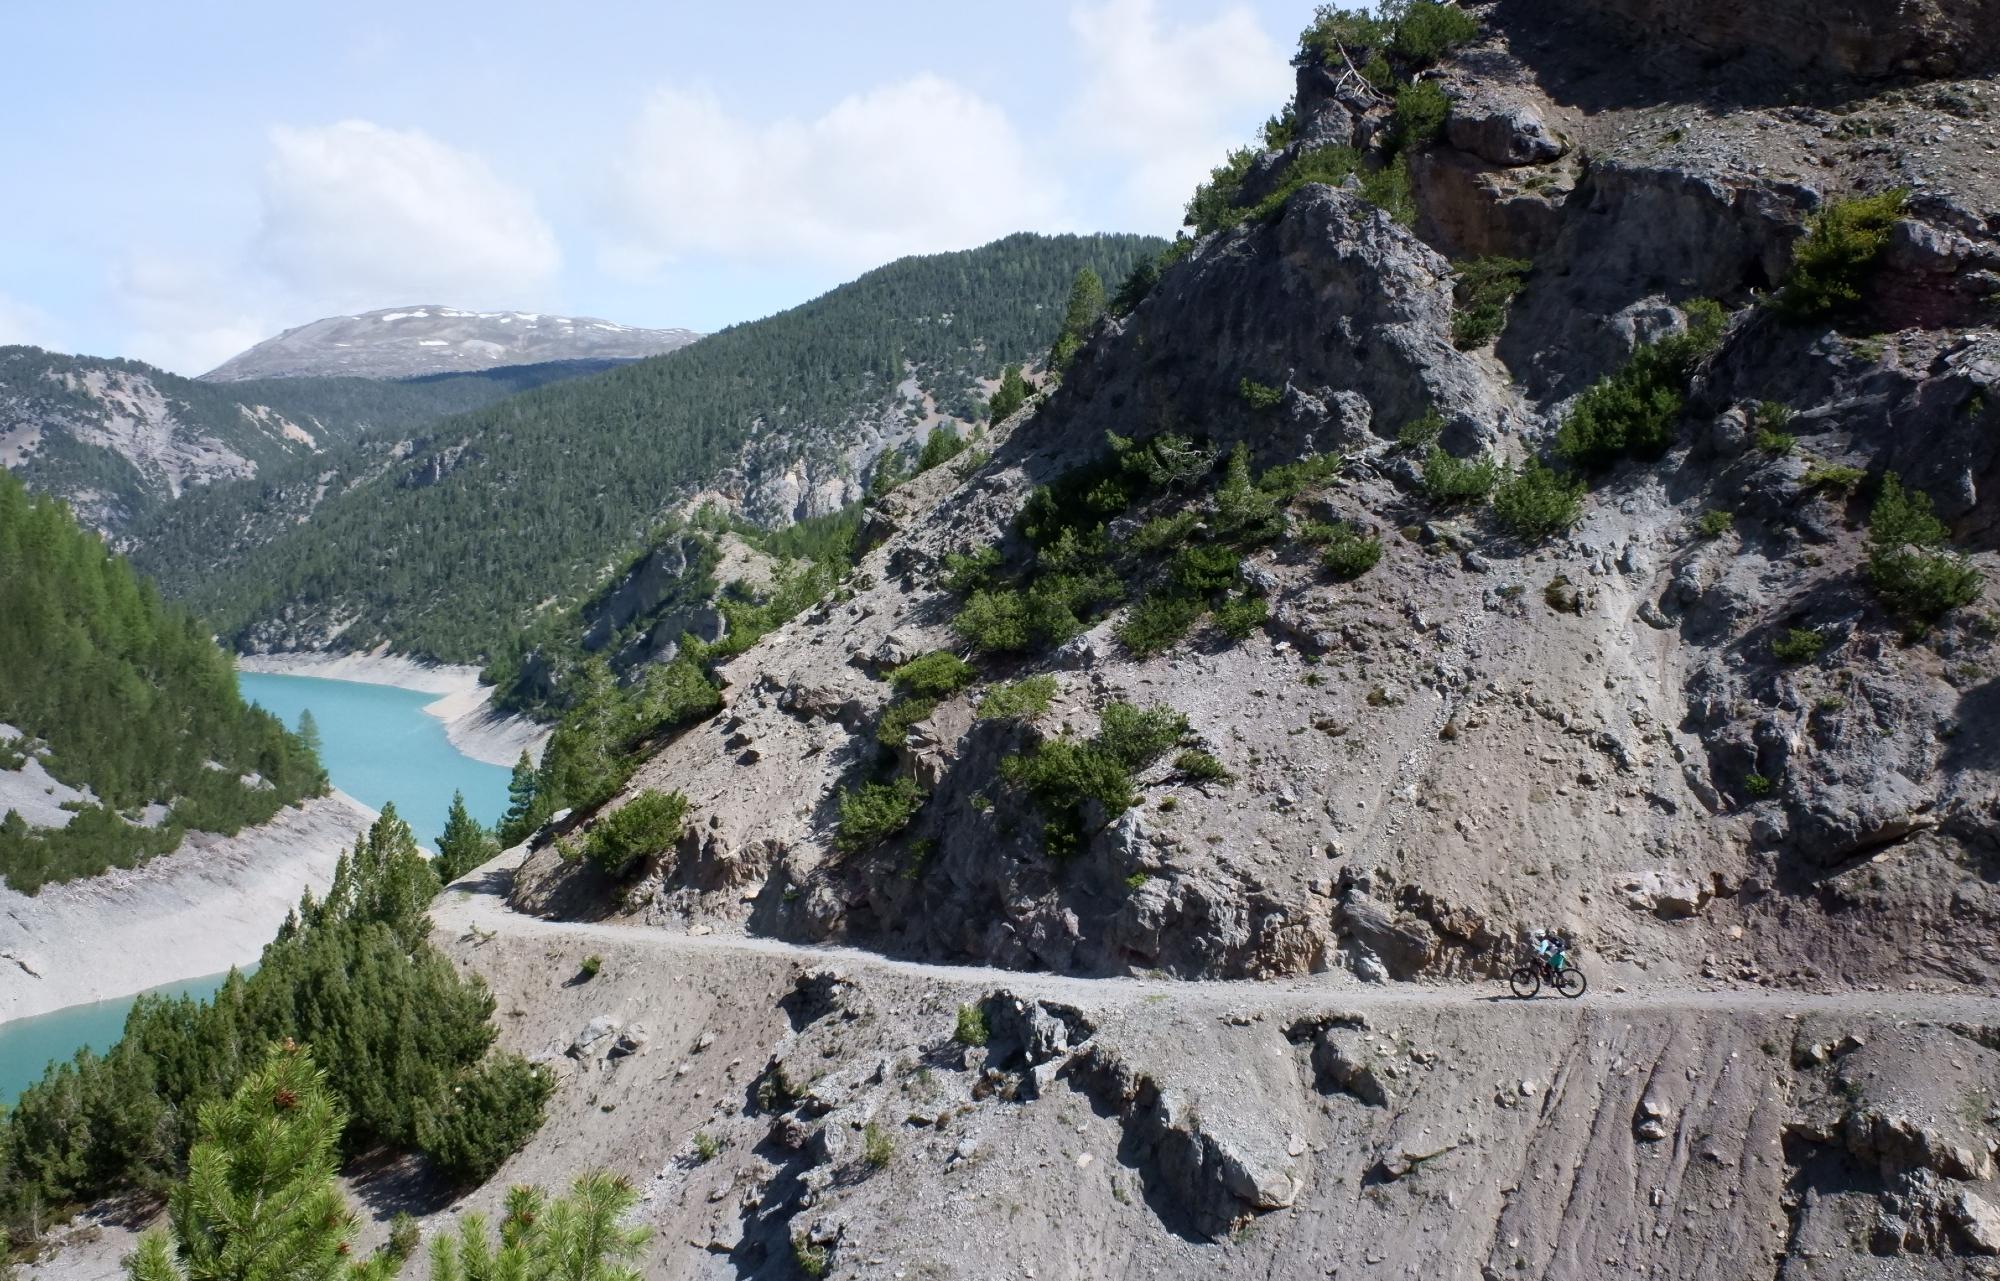 mtb, mountainbike, alps, alpen, actieve vakantie